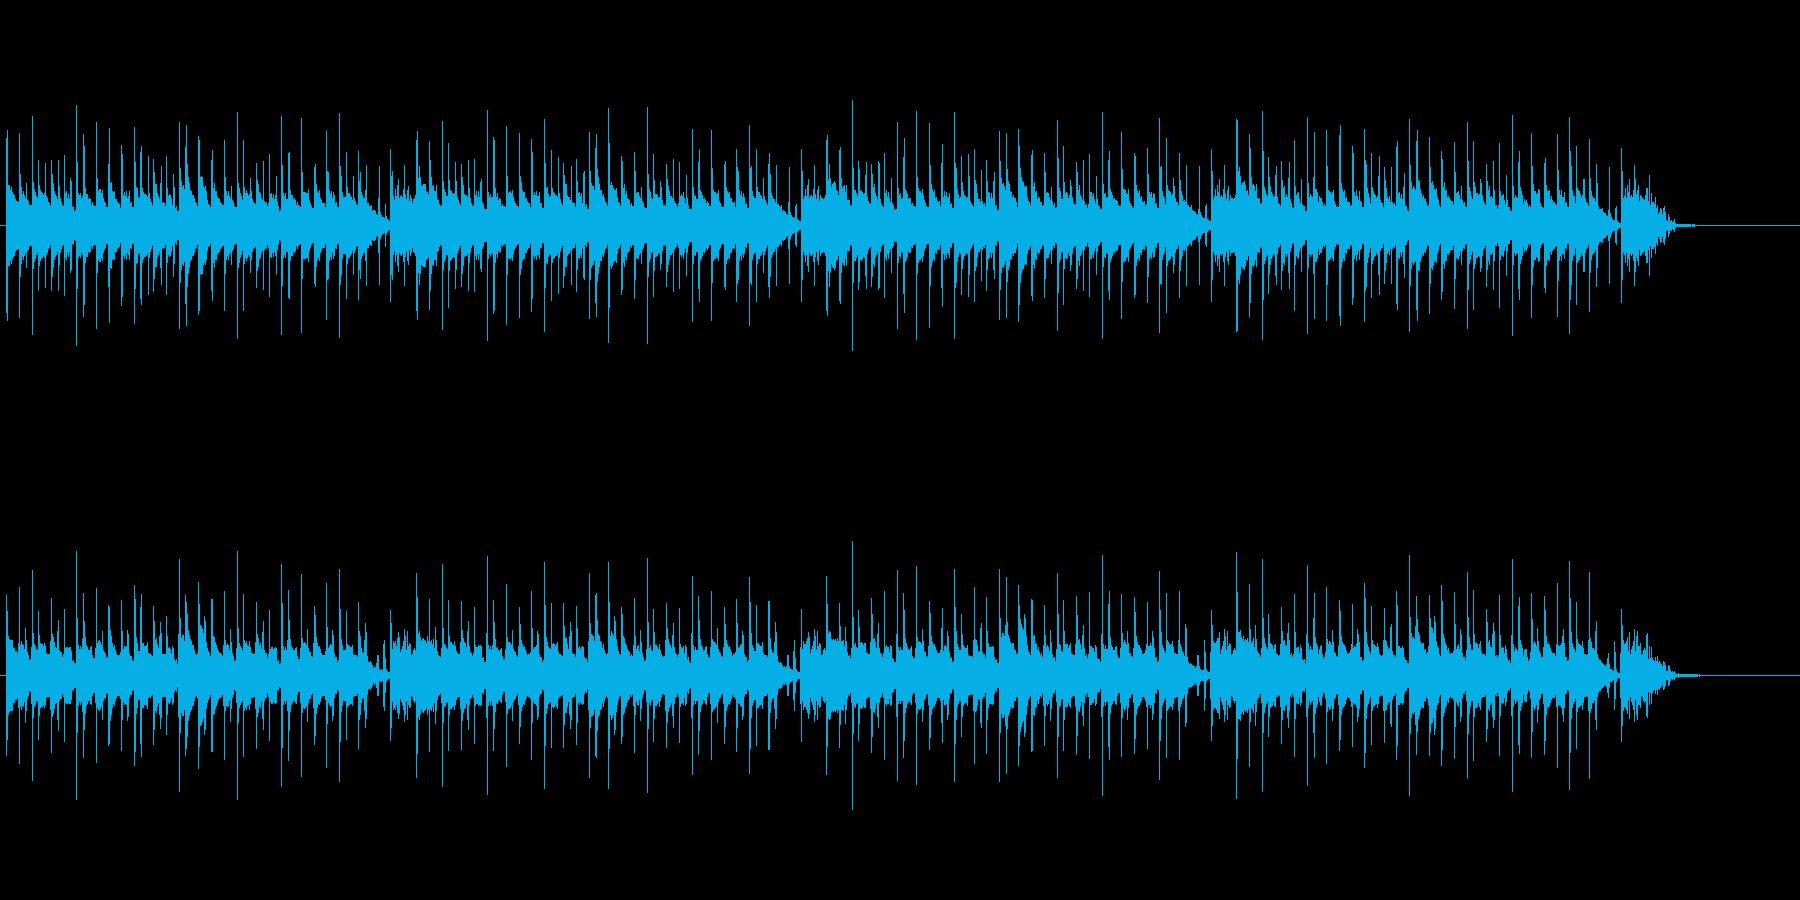 マリンバの軽快で楽しいBGMループの再生済みの波形